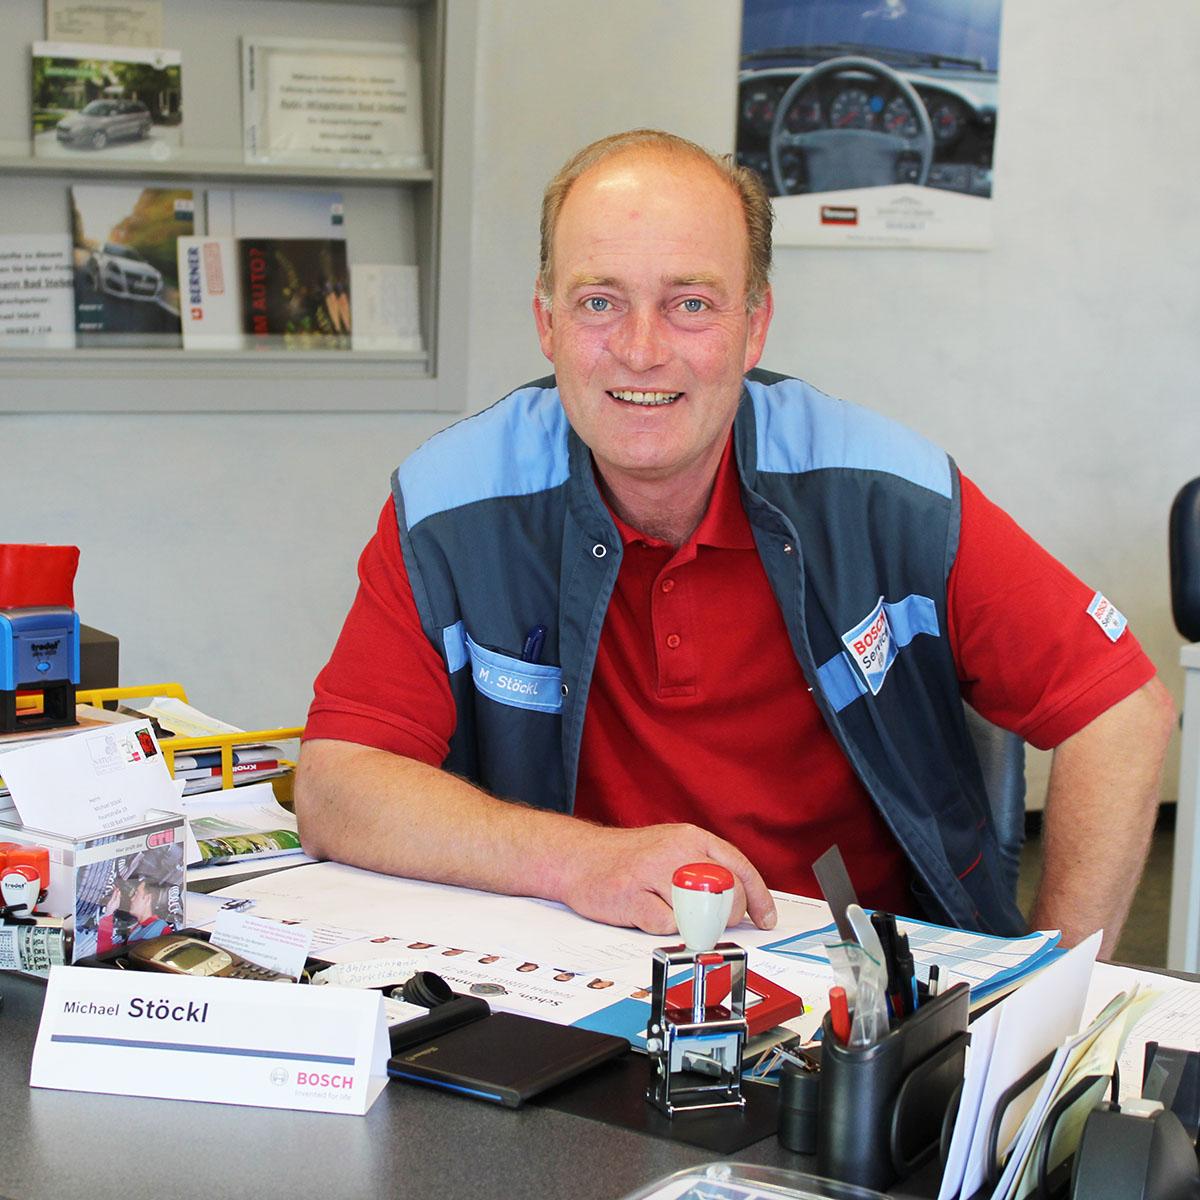 Michael Stöckl